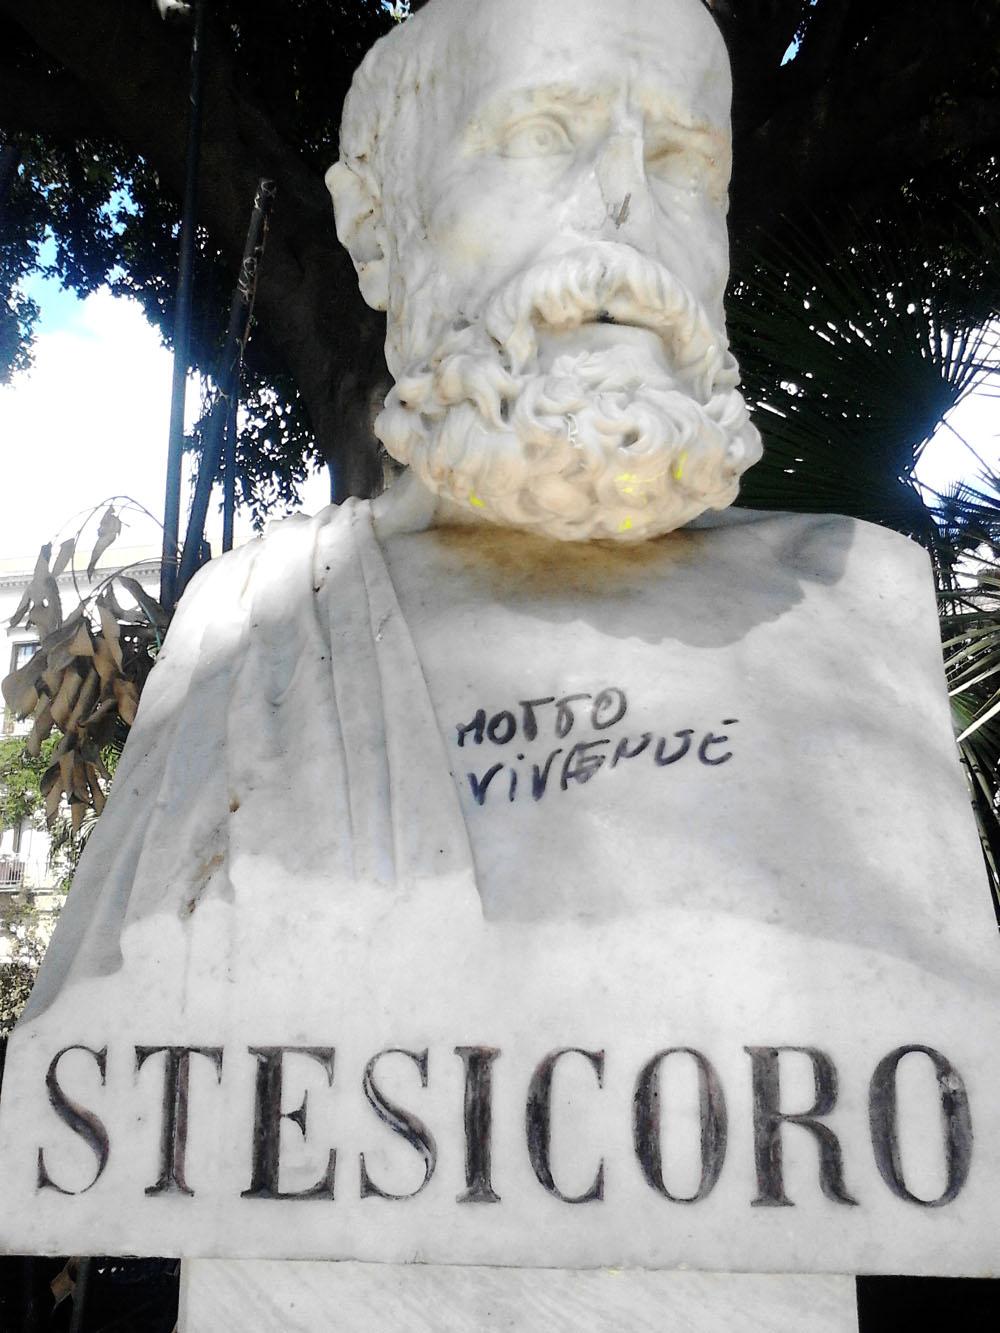 Il busto di Stesicoro imbrattato